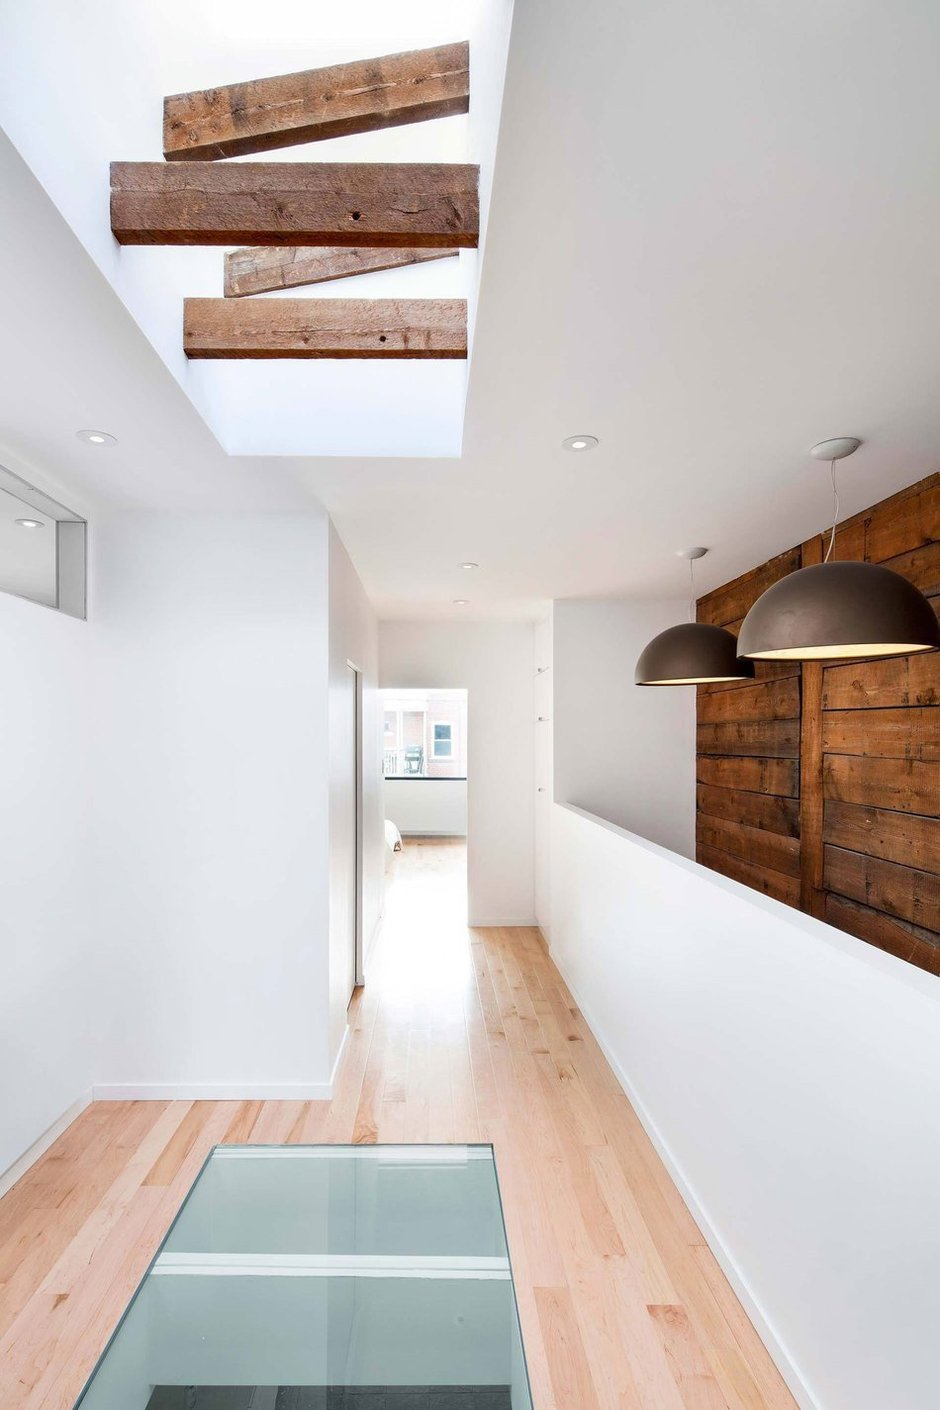 Фотография: Прихожая в стиле Лофт, Дом, Дома и квартиры, напольное покрытие – фото на InMyRoom.ru